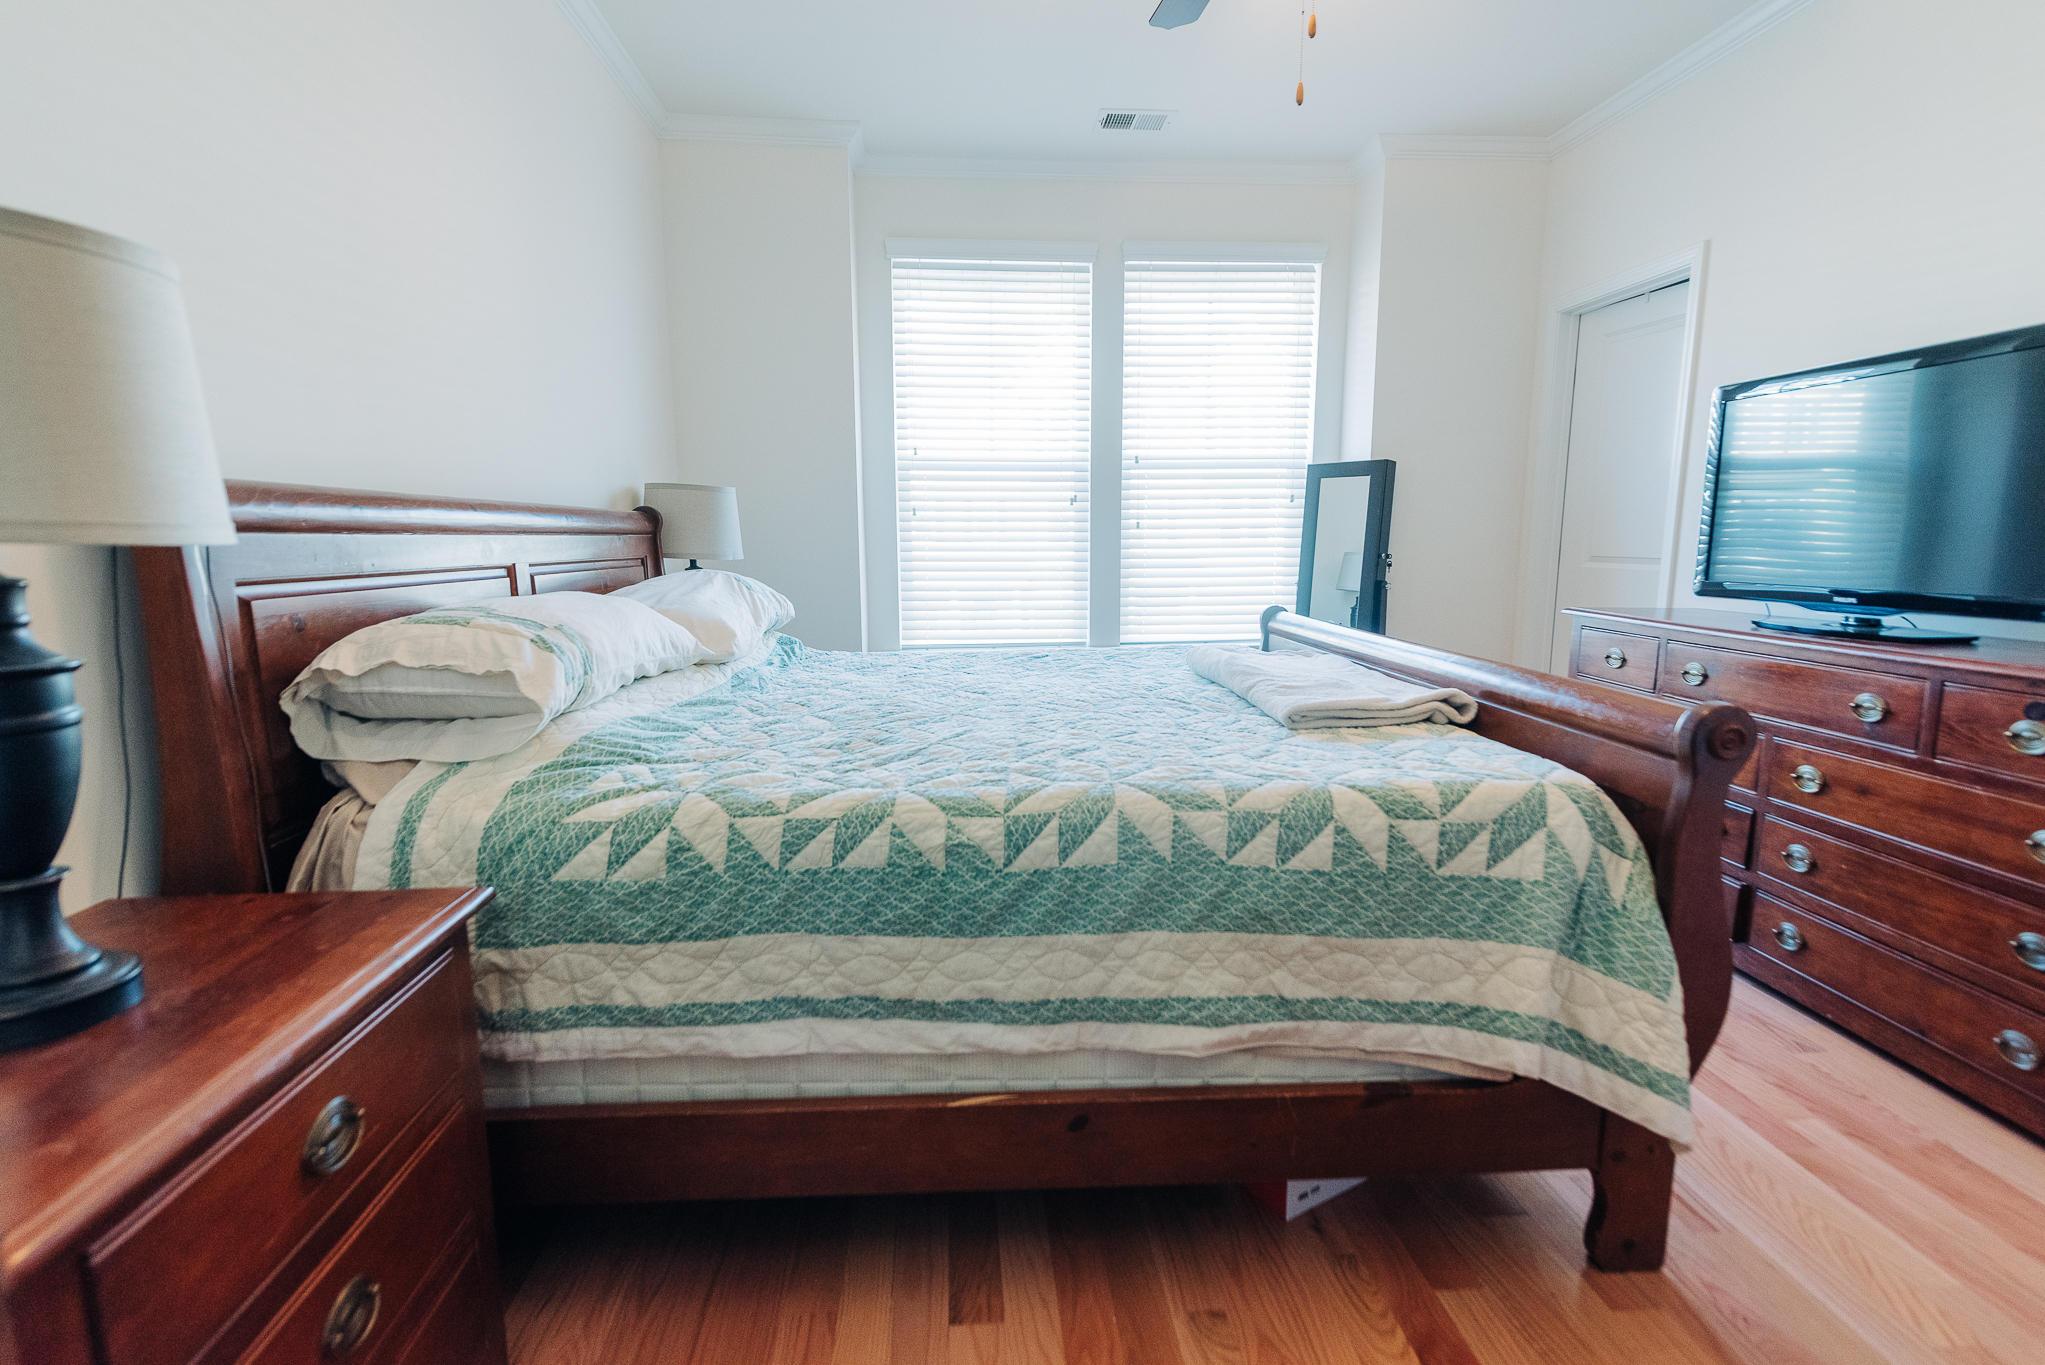 Royal Palms Homes For Sale - 1211 Dingle, Mount Pleasant, SC - 22